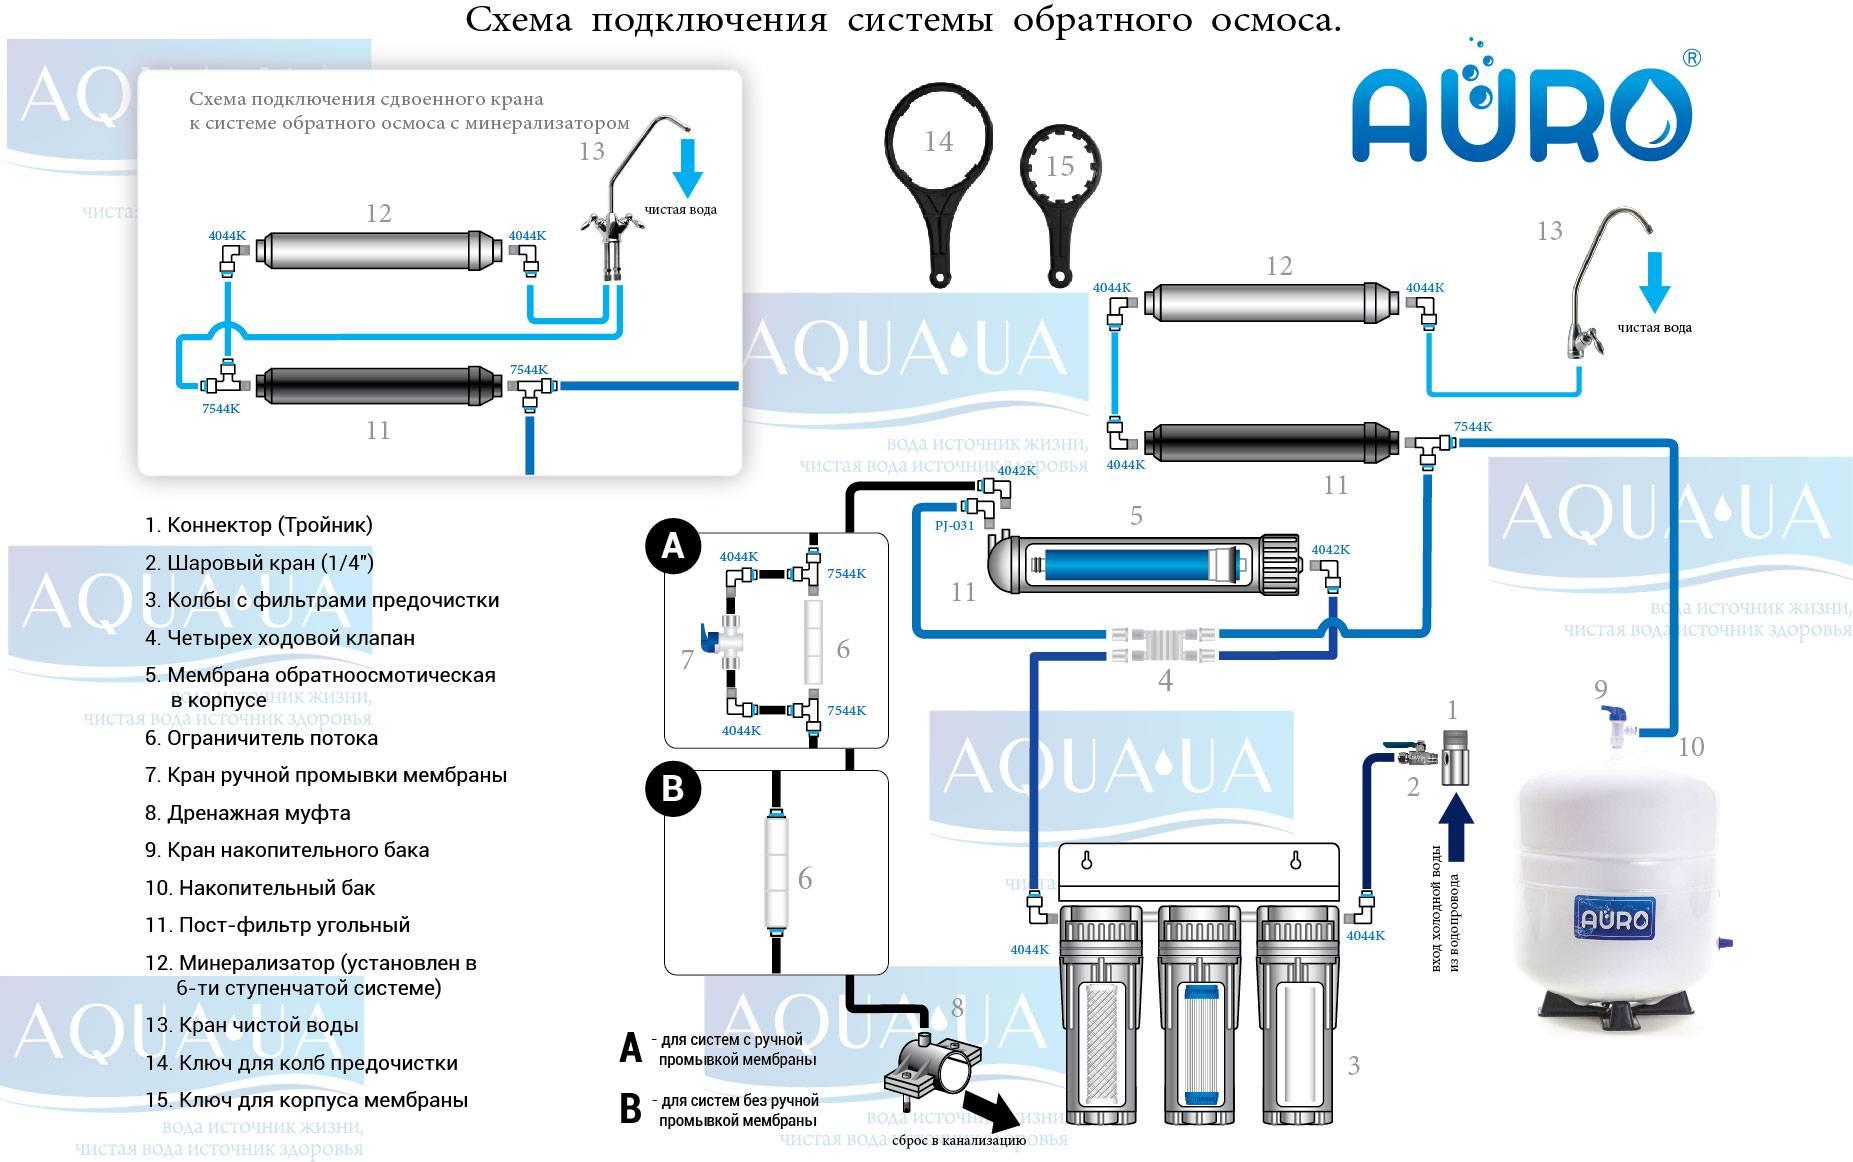 Схема подключения обратного осмоса: сборка и установка